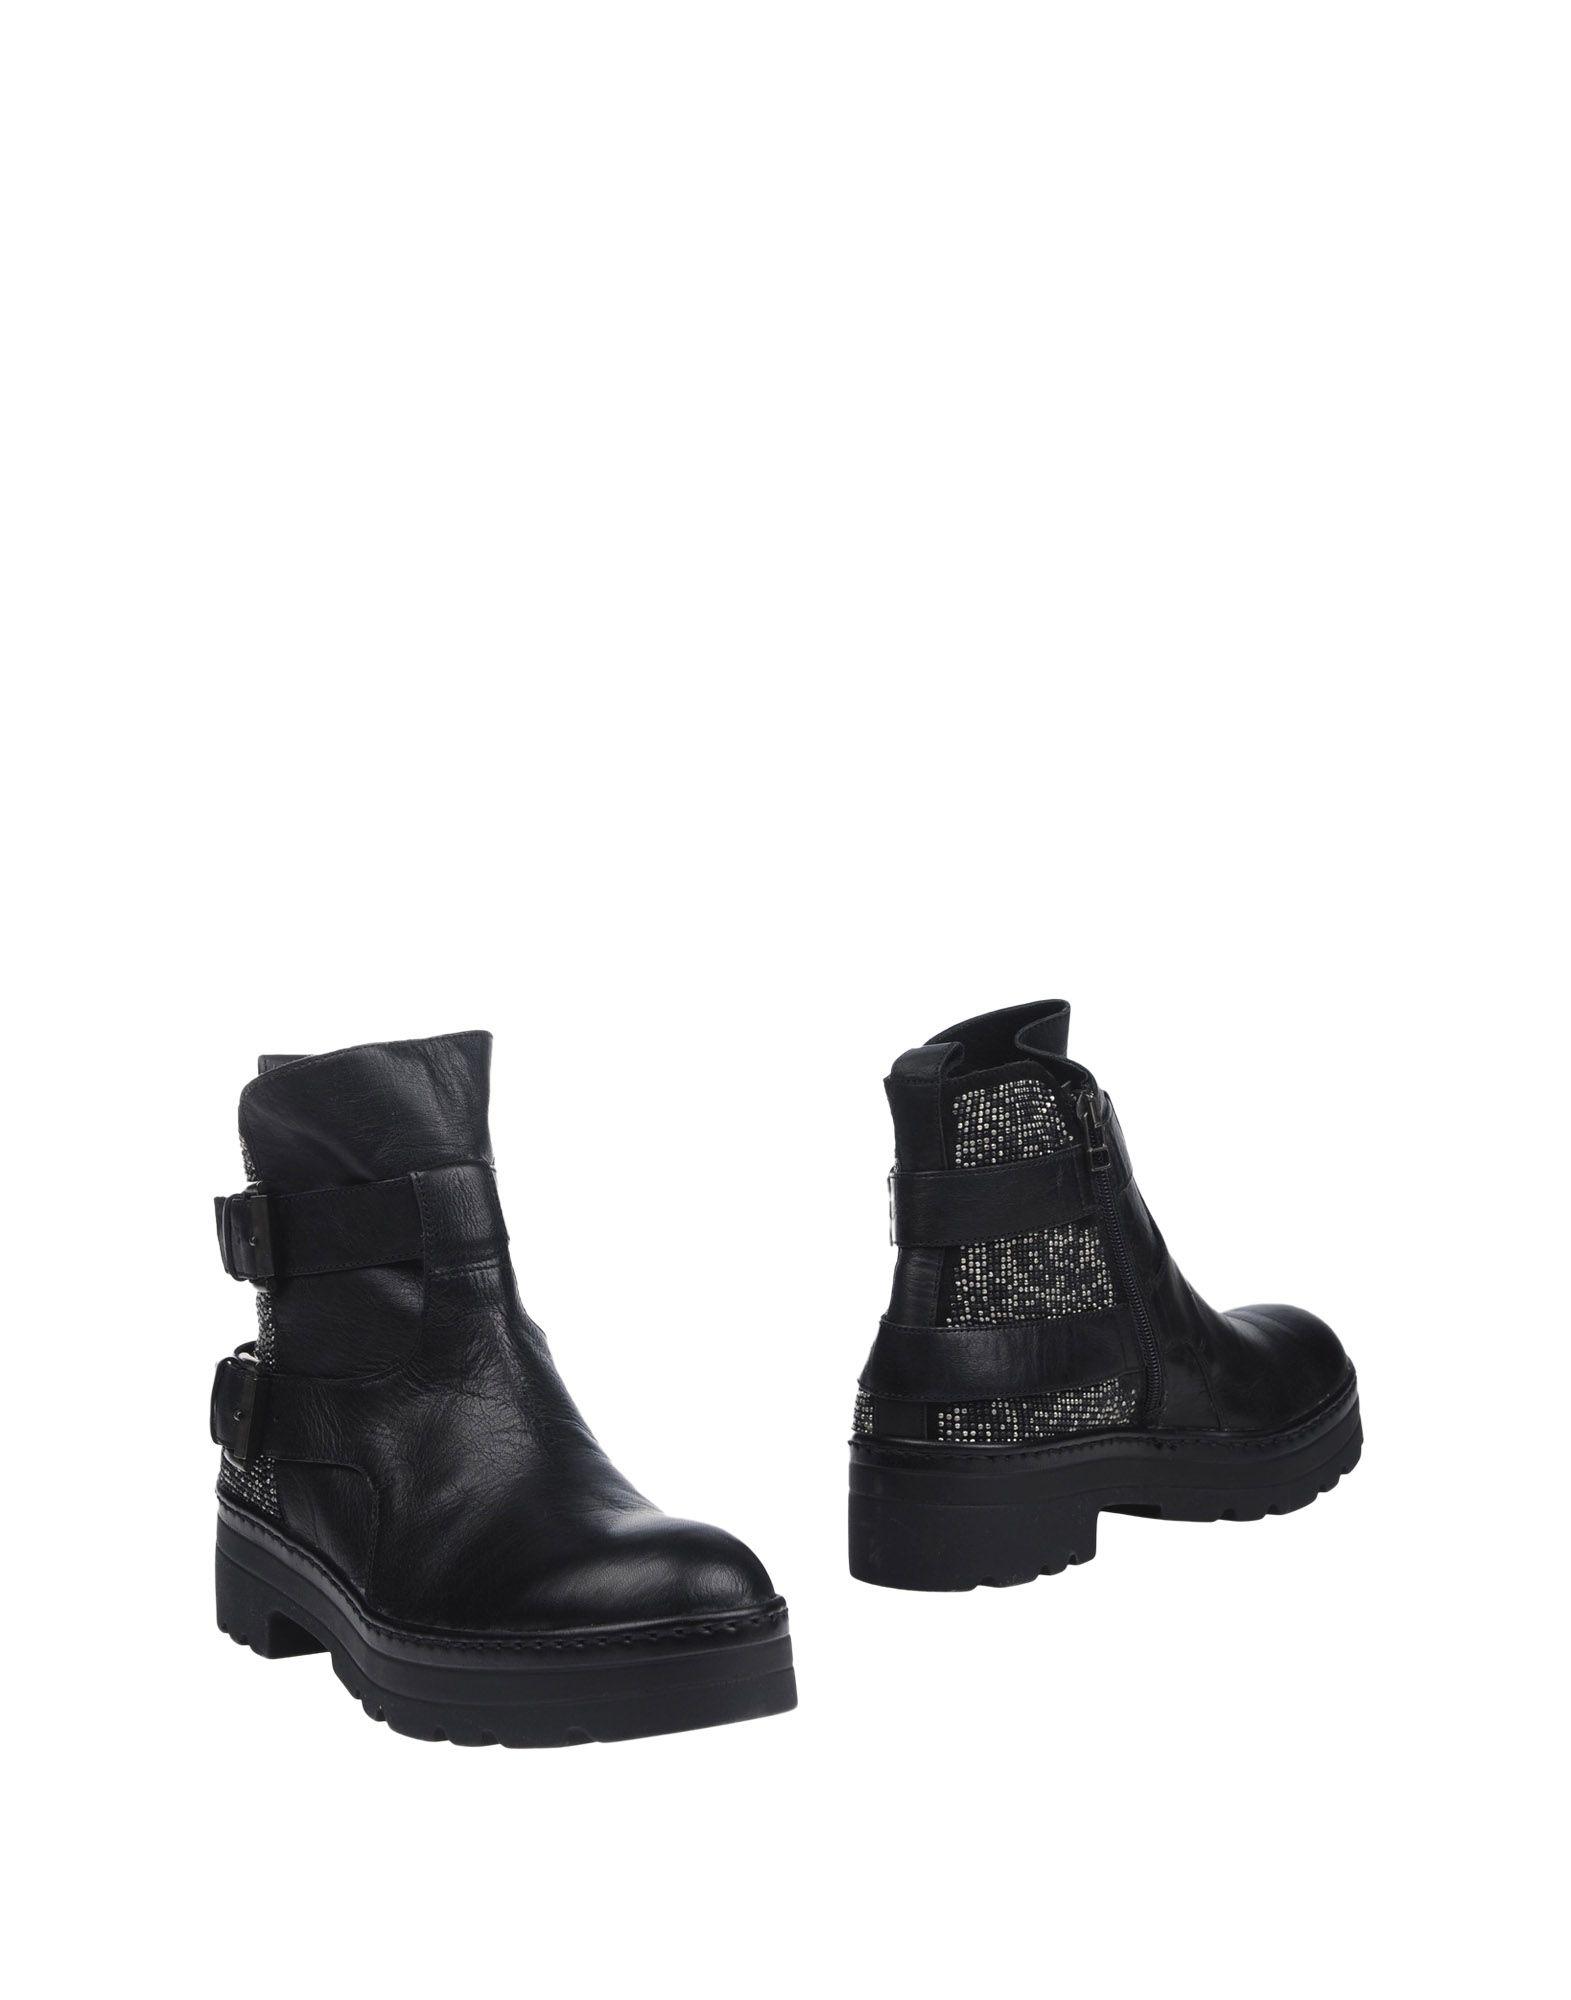 Gut Sport um billige Schuhe zu tragenJanet Sport Gut Stiefelette Damen  11225878GK 56042b